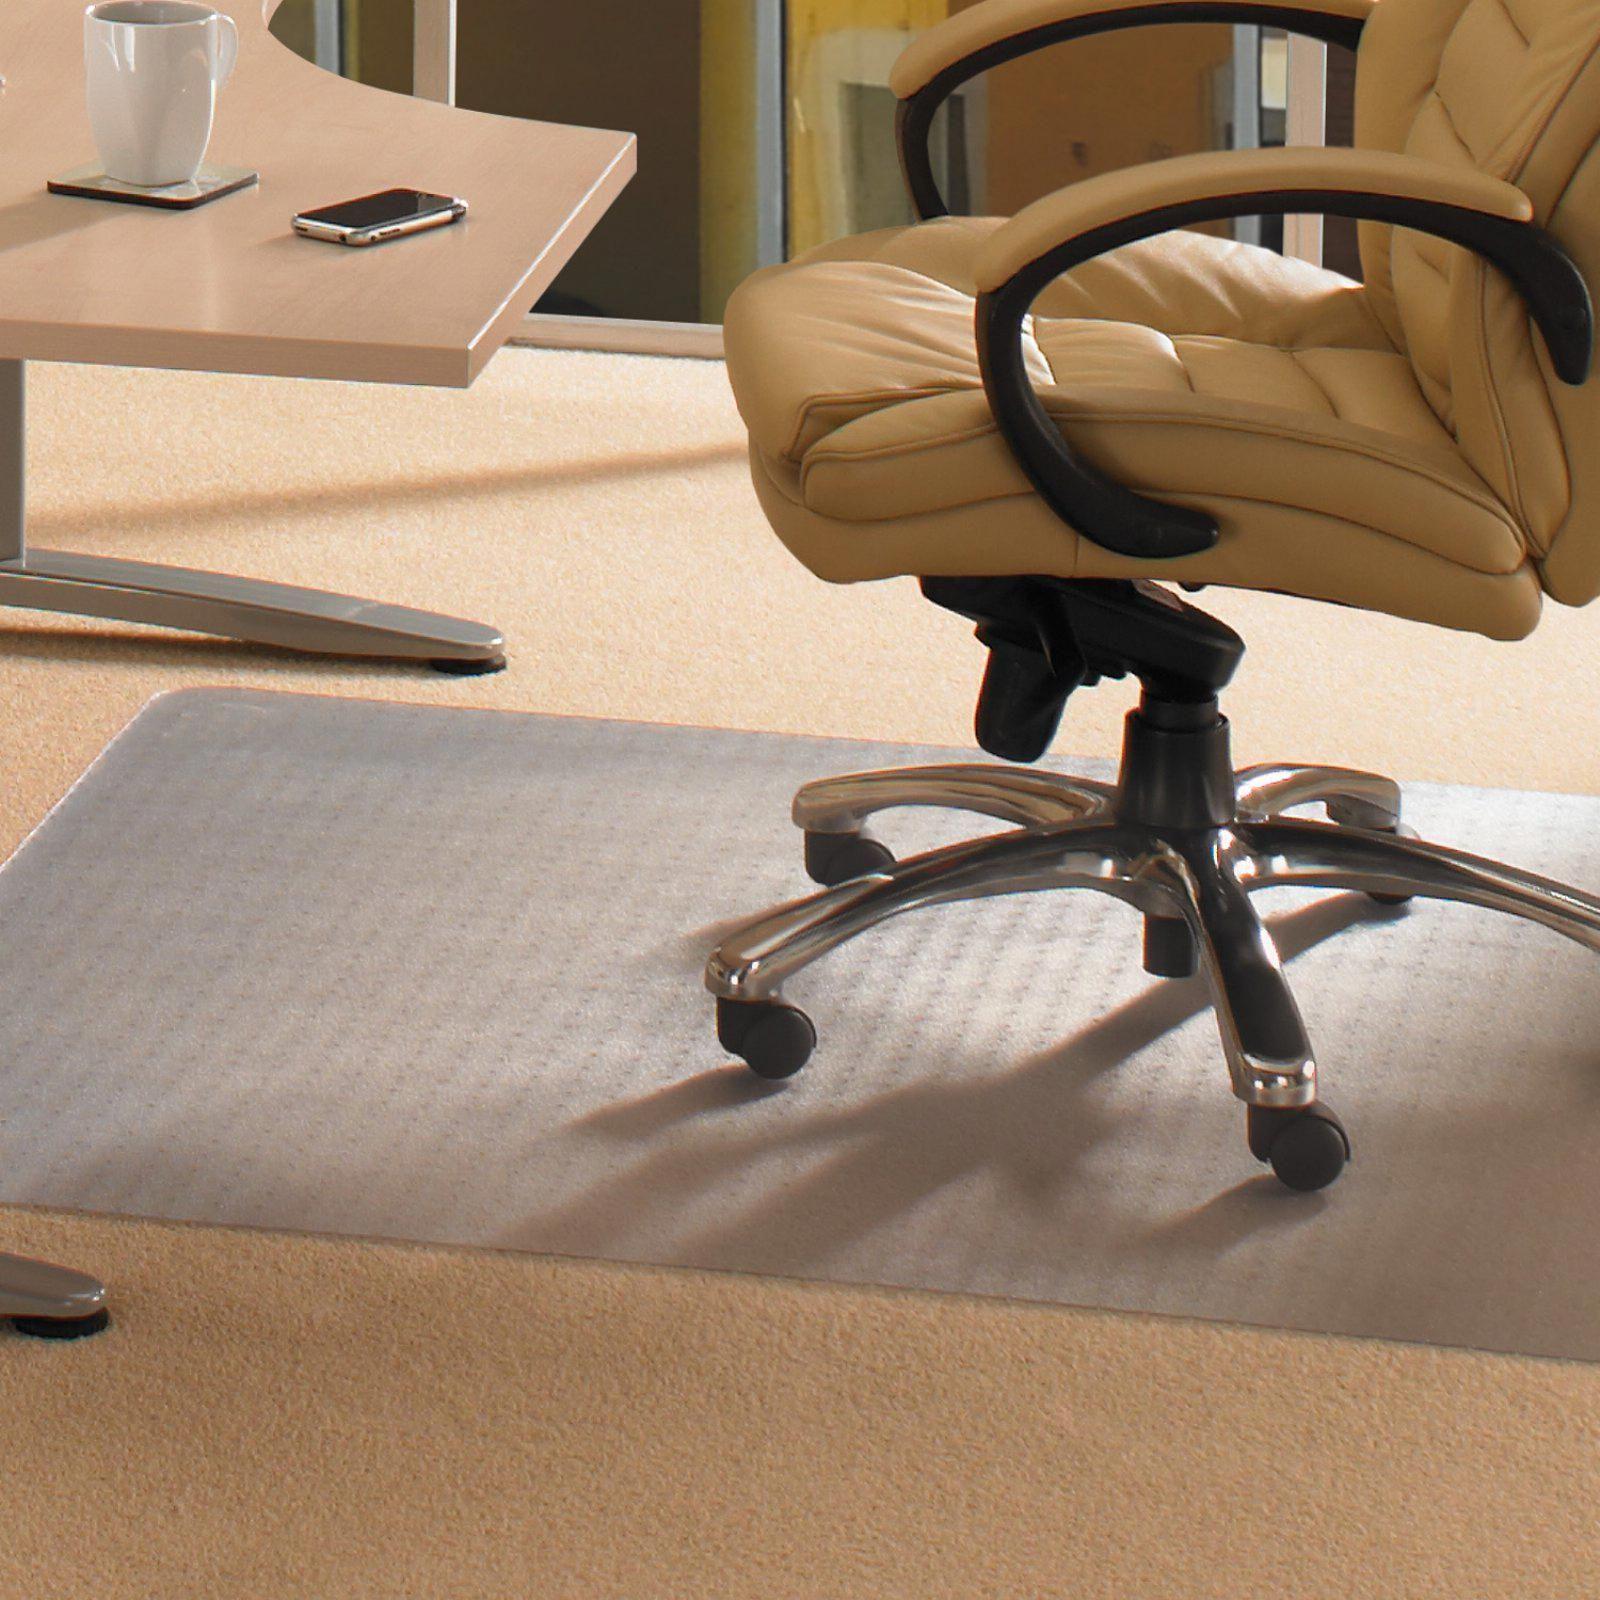 Key 1638225935 CarpetsInHouston Chair mats, Pvc chair